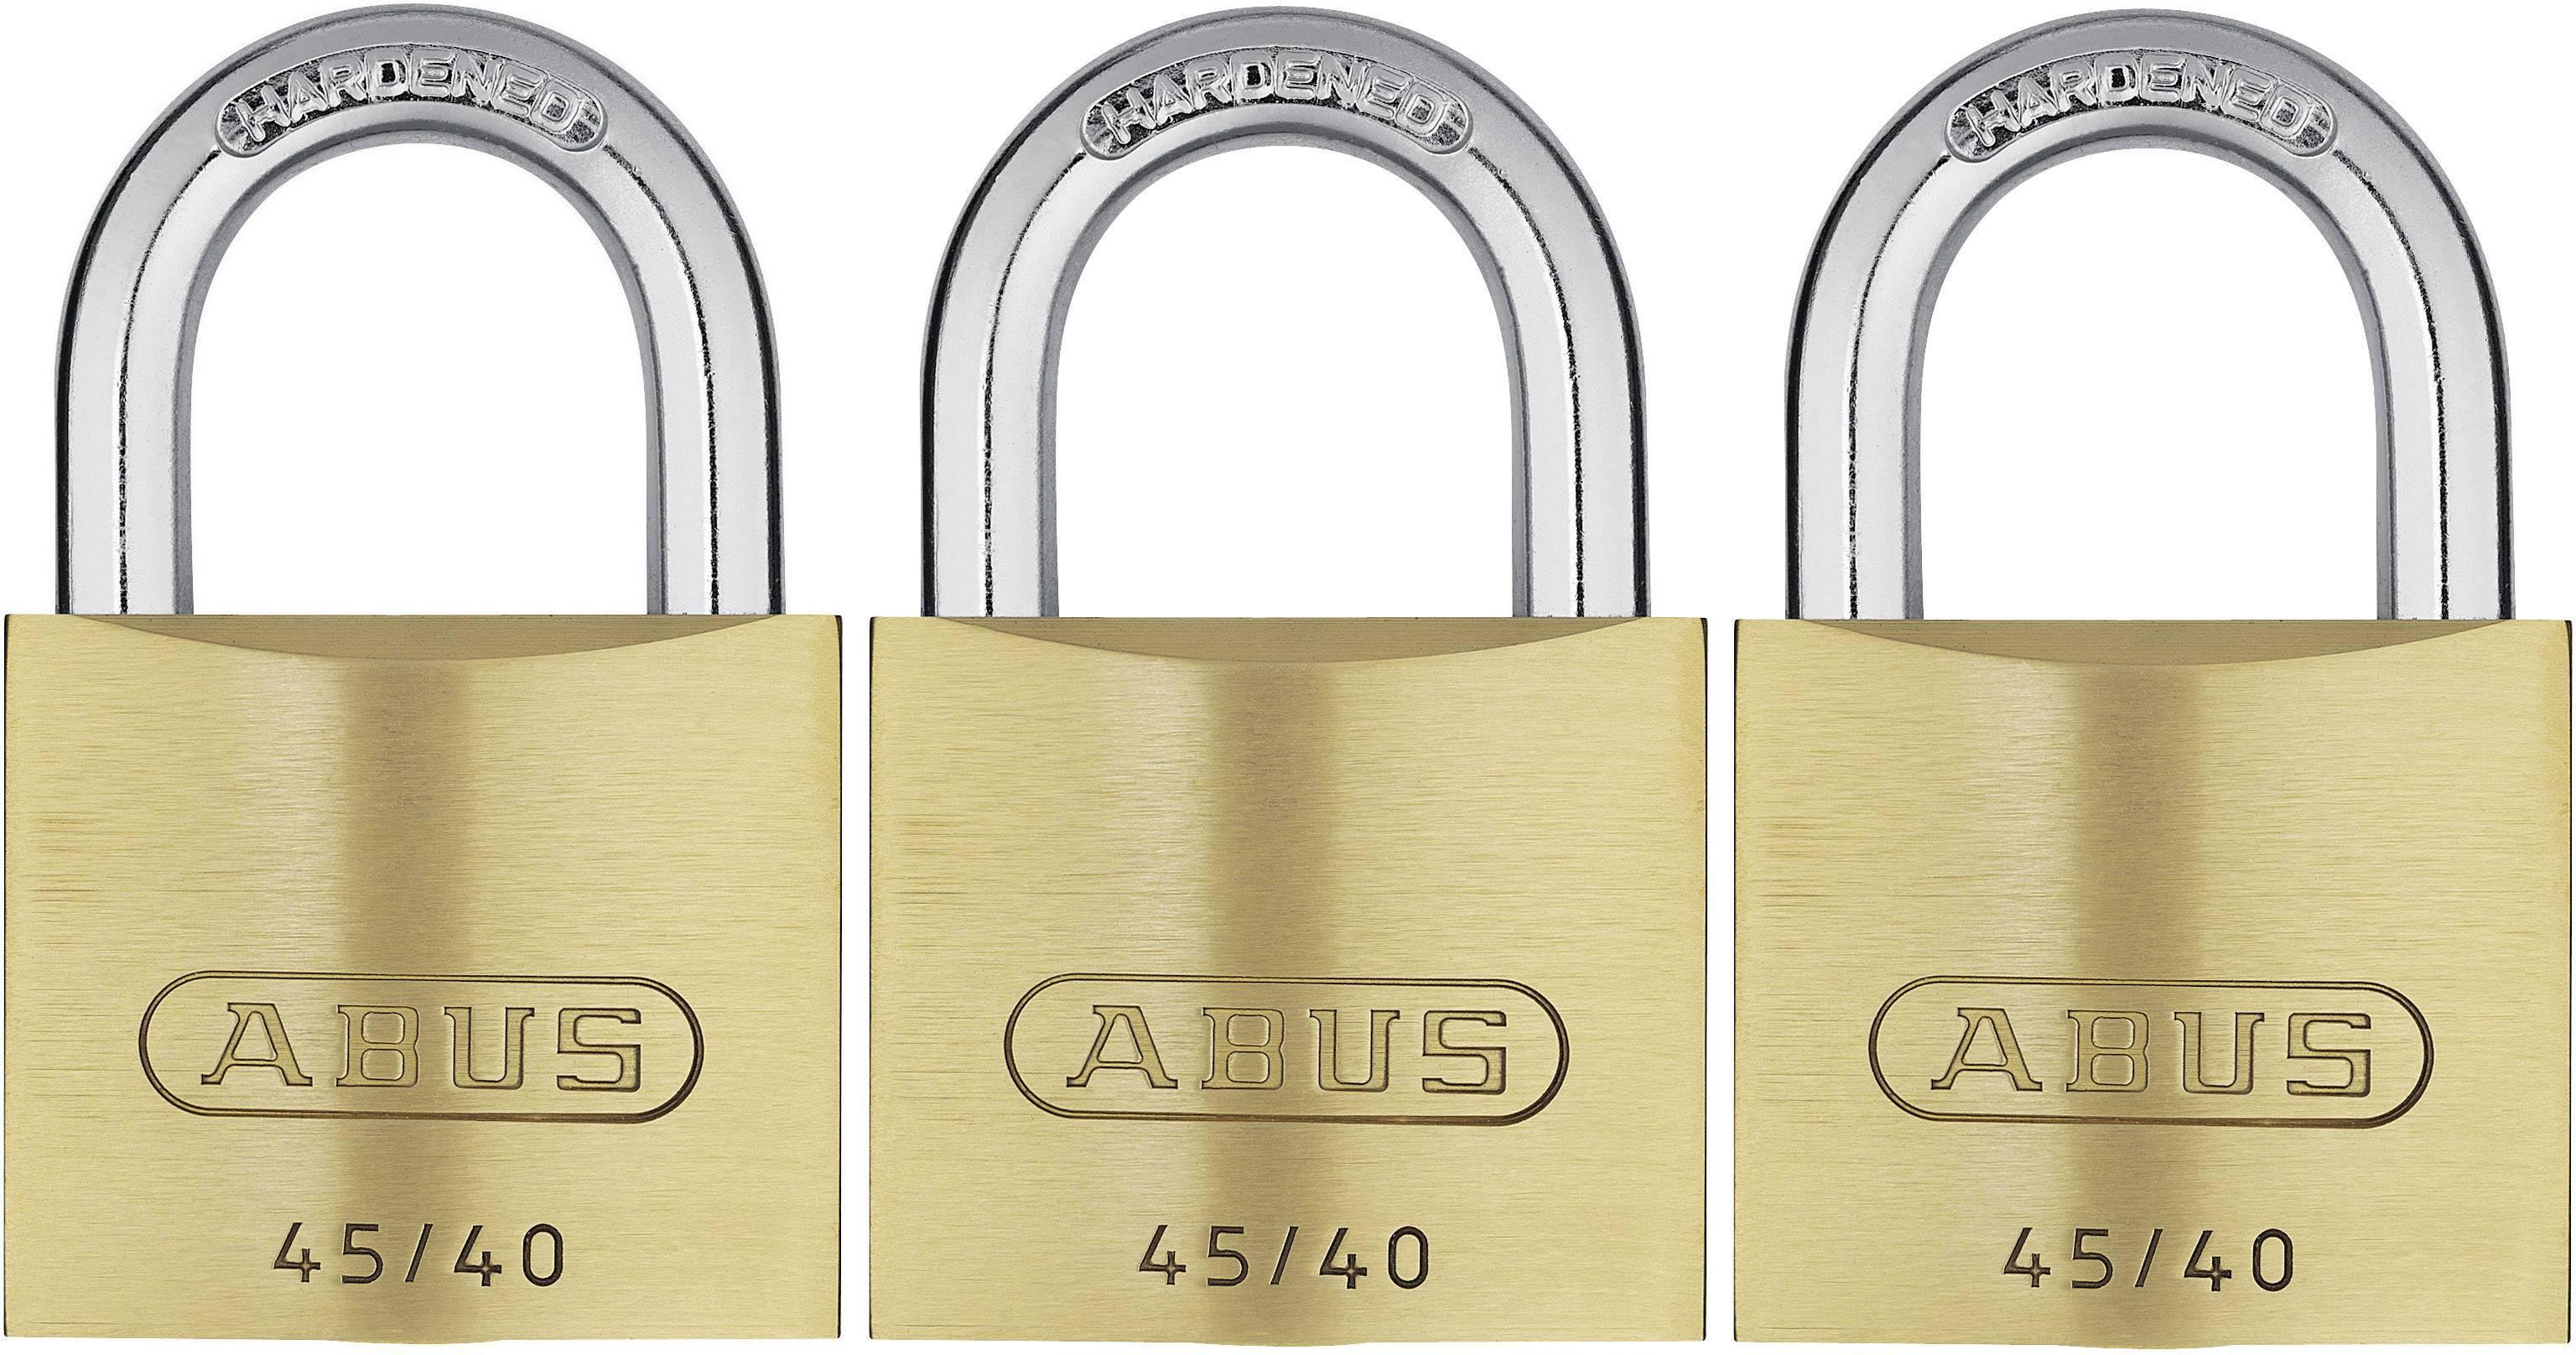 Visiaci zámok na kľúč ABUS ABVS11825, 39 mm, sada 3 ks